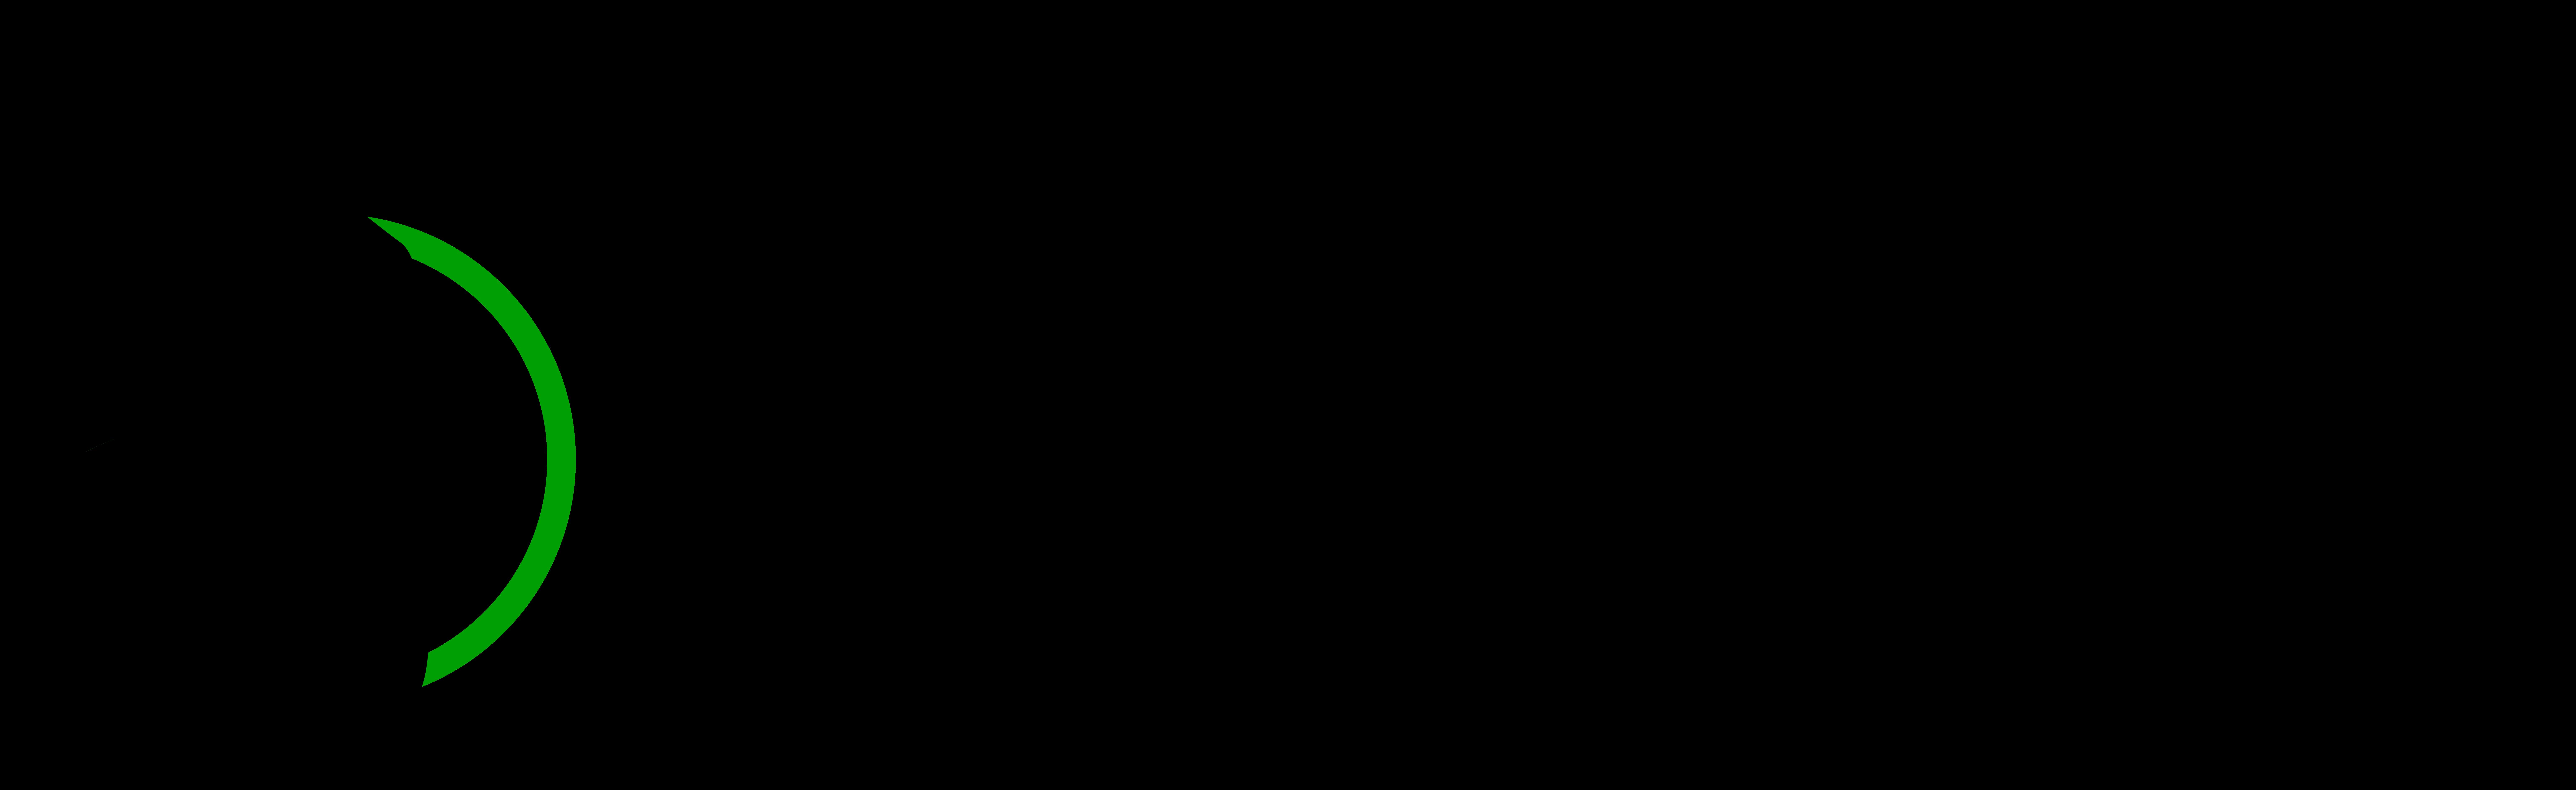 Dynamic North Digital Marketing Logo